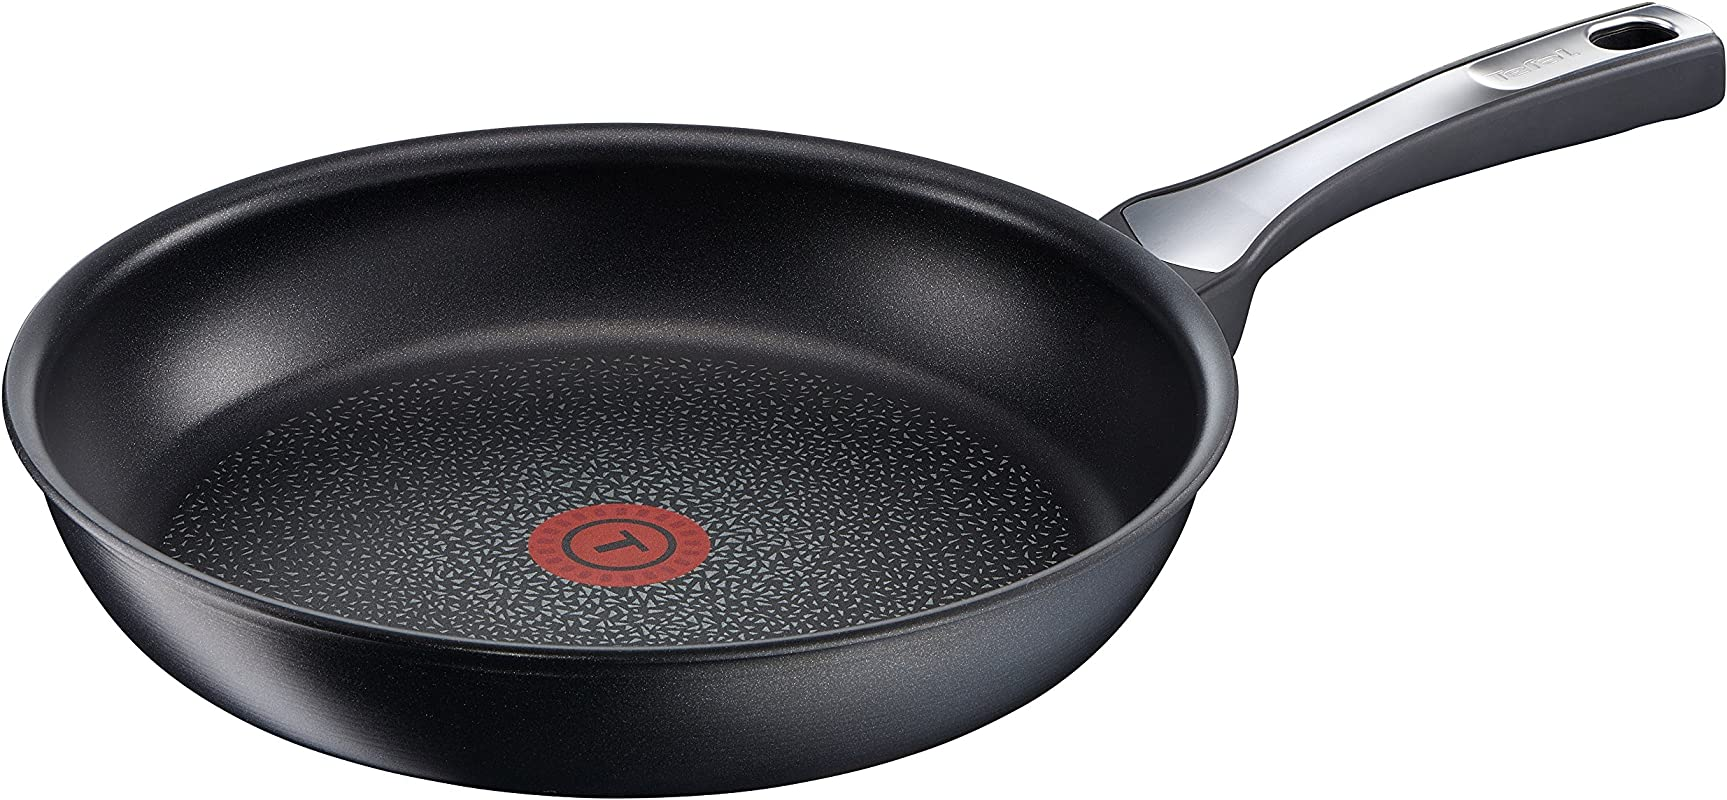 Tefal Pan Tefal EXPERTISE 24 Cm Titanium Excellence Black